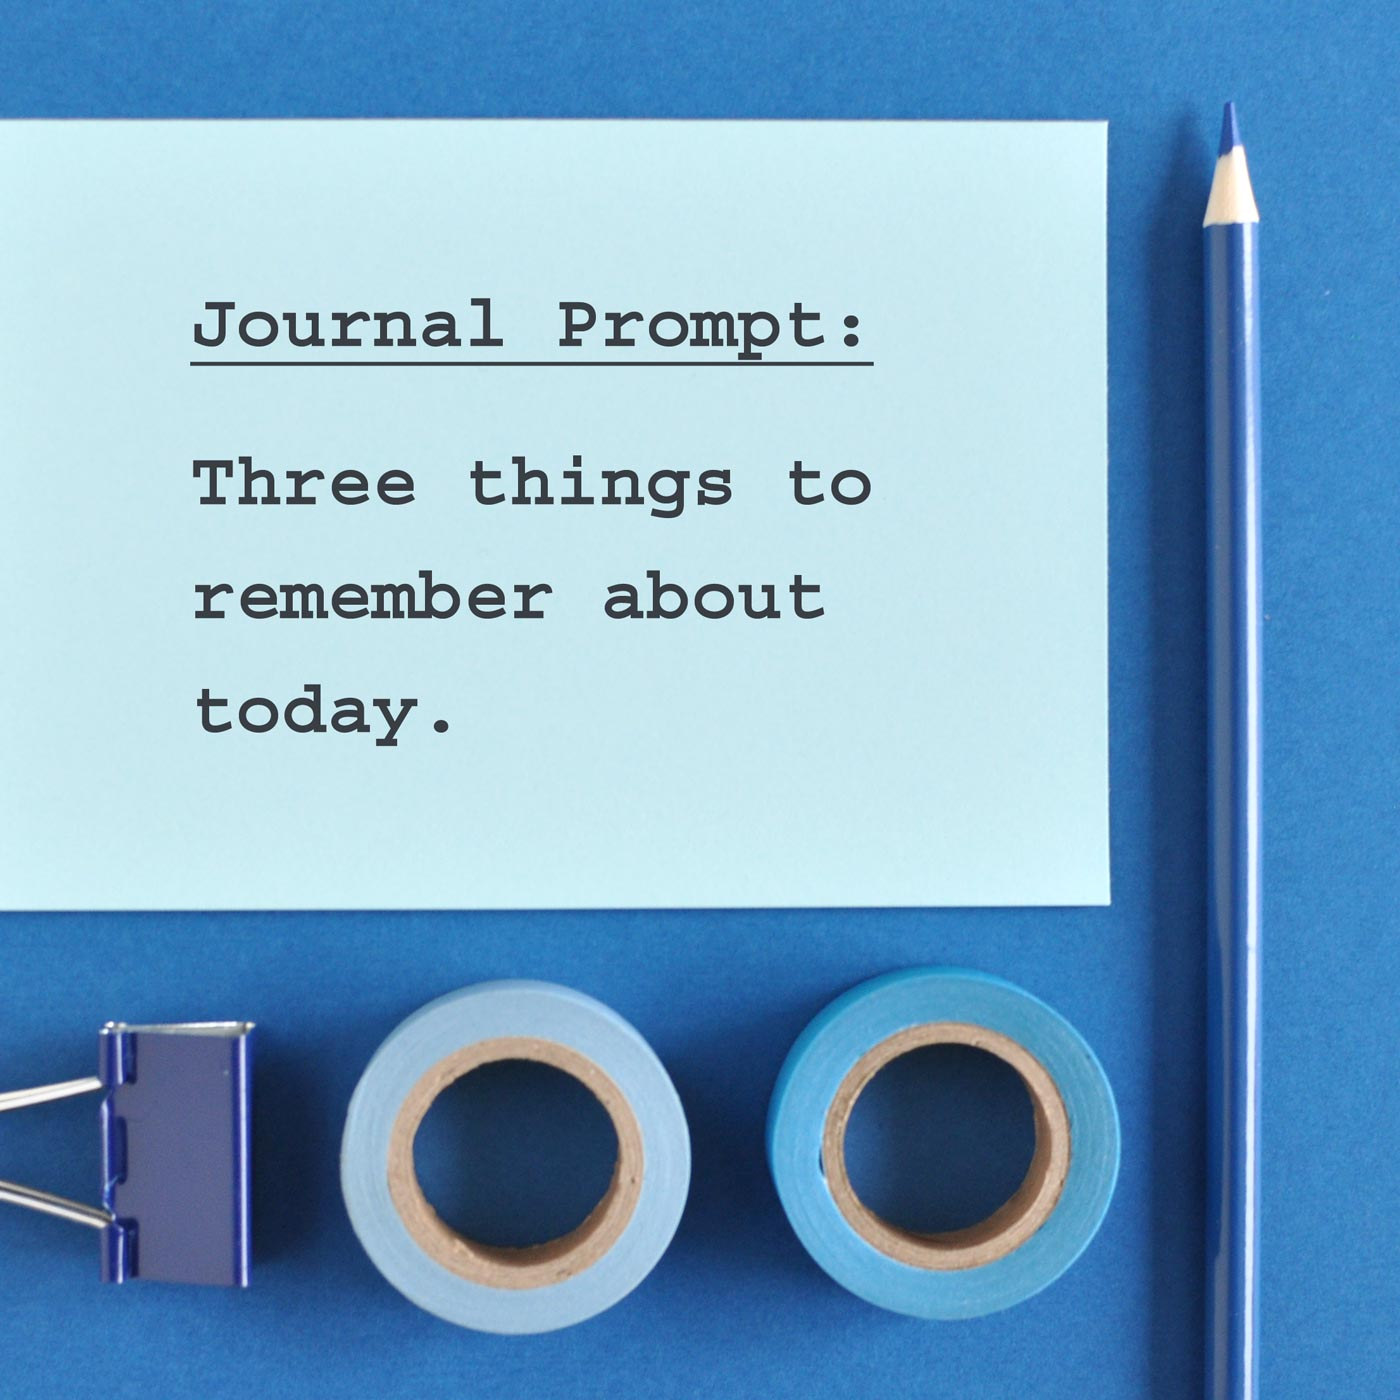 19-01-2018---Journal-prompt-by-Christie-Zimmer.jpg